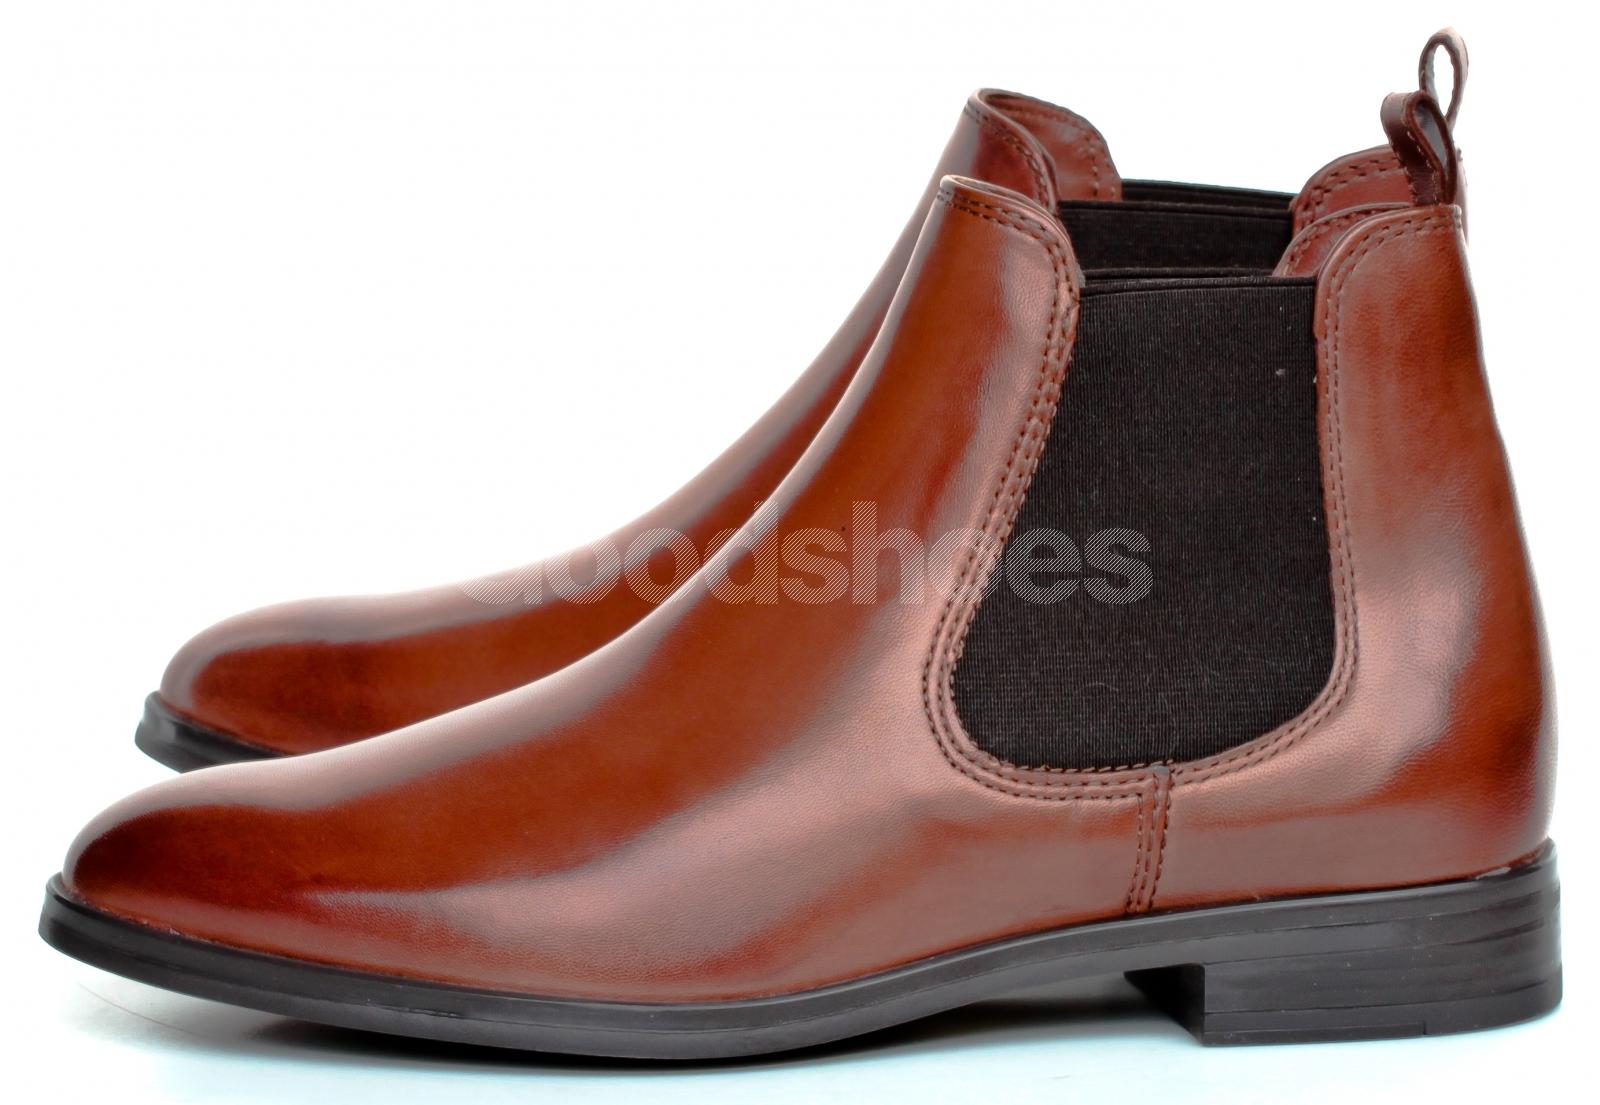 Sztyblety Damskie Venezia Brązowe 2MIA200 SC614 Goodshoes.pl